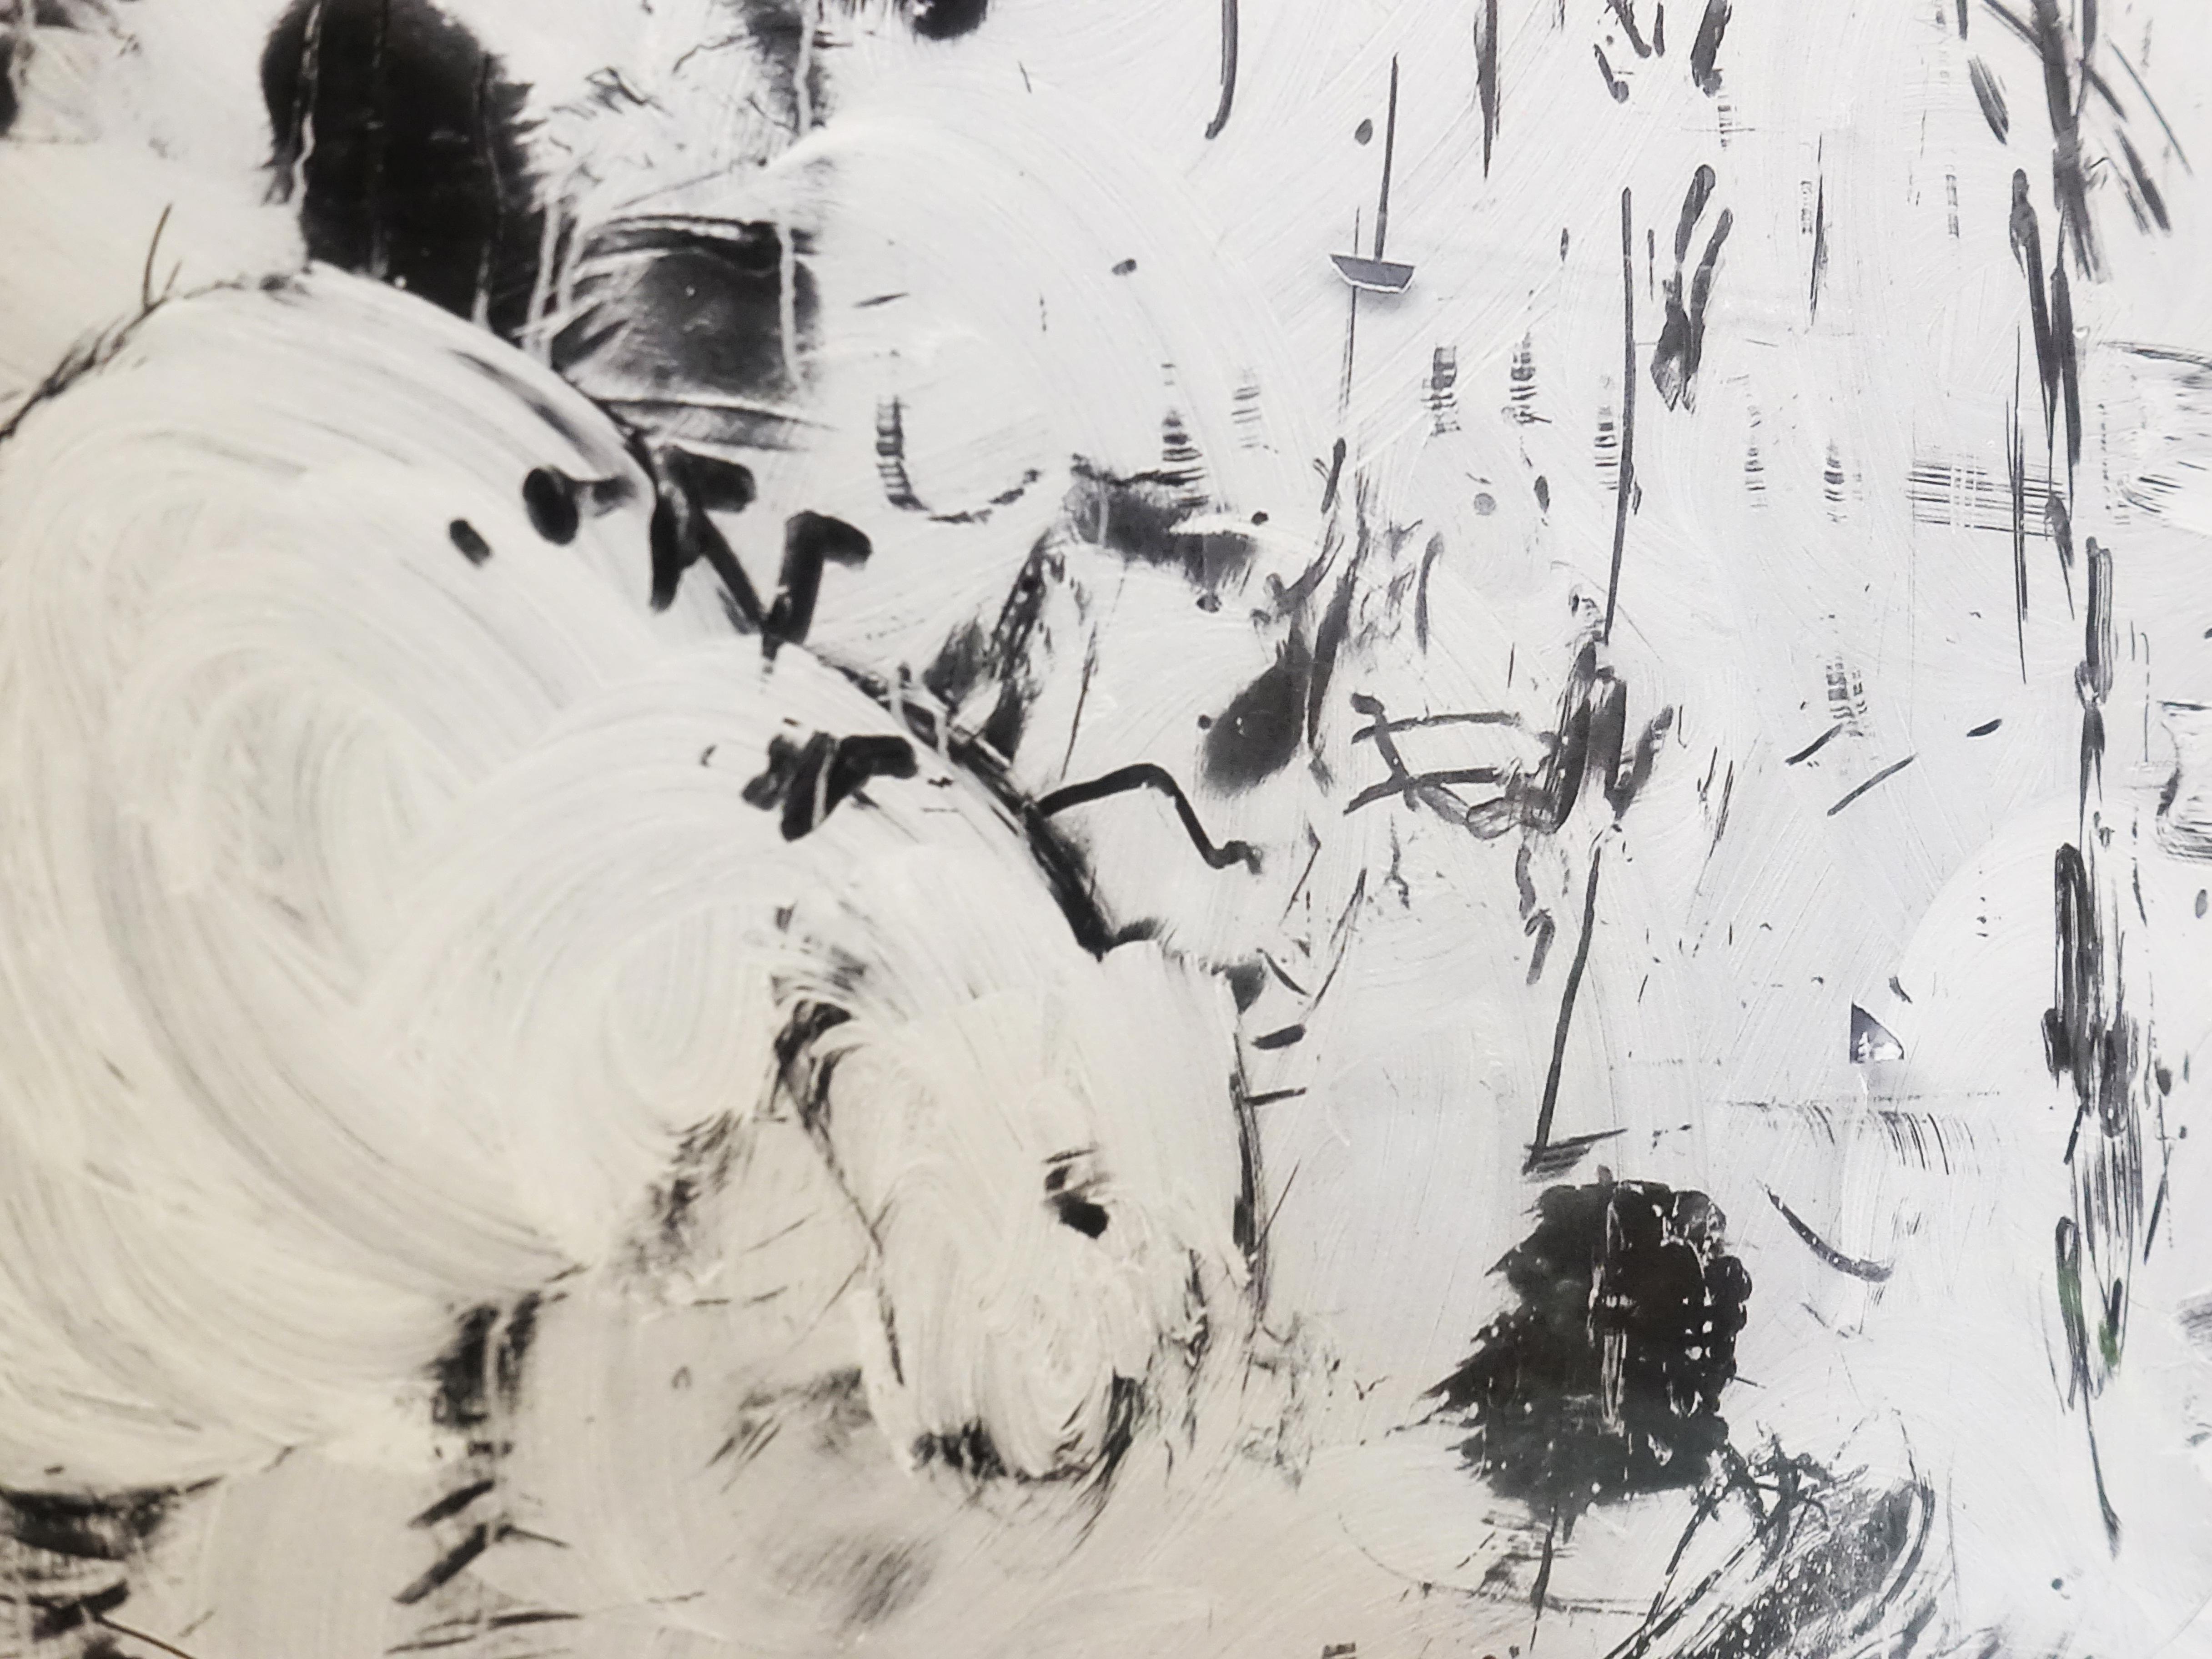 小山俊孝,《後當代表現主義#31》細節,24 x 16 in,攝影、無酸藝術紙,2017。